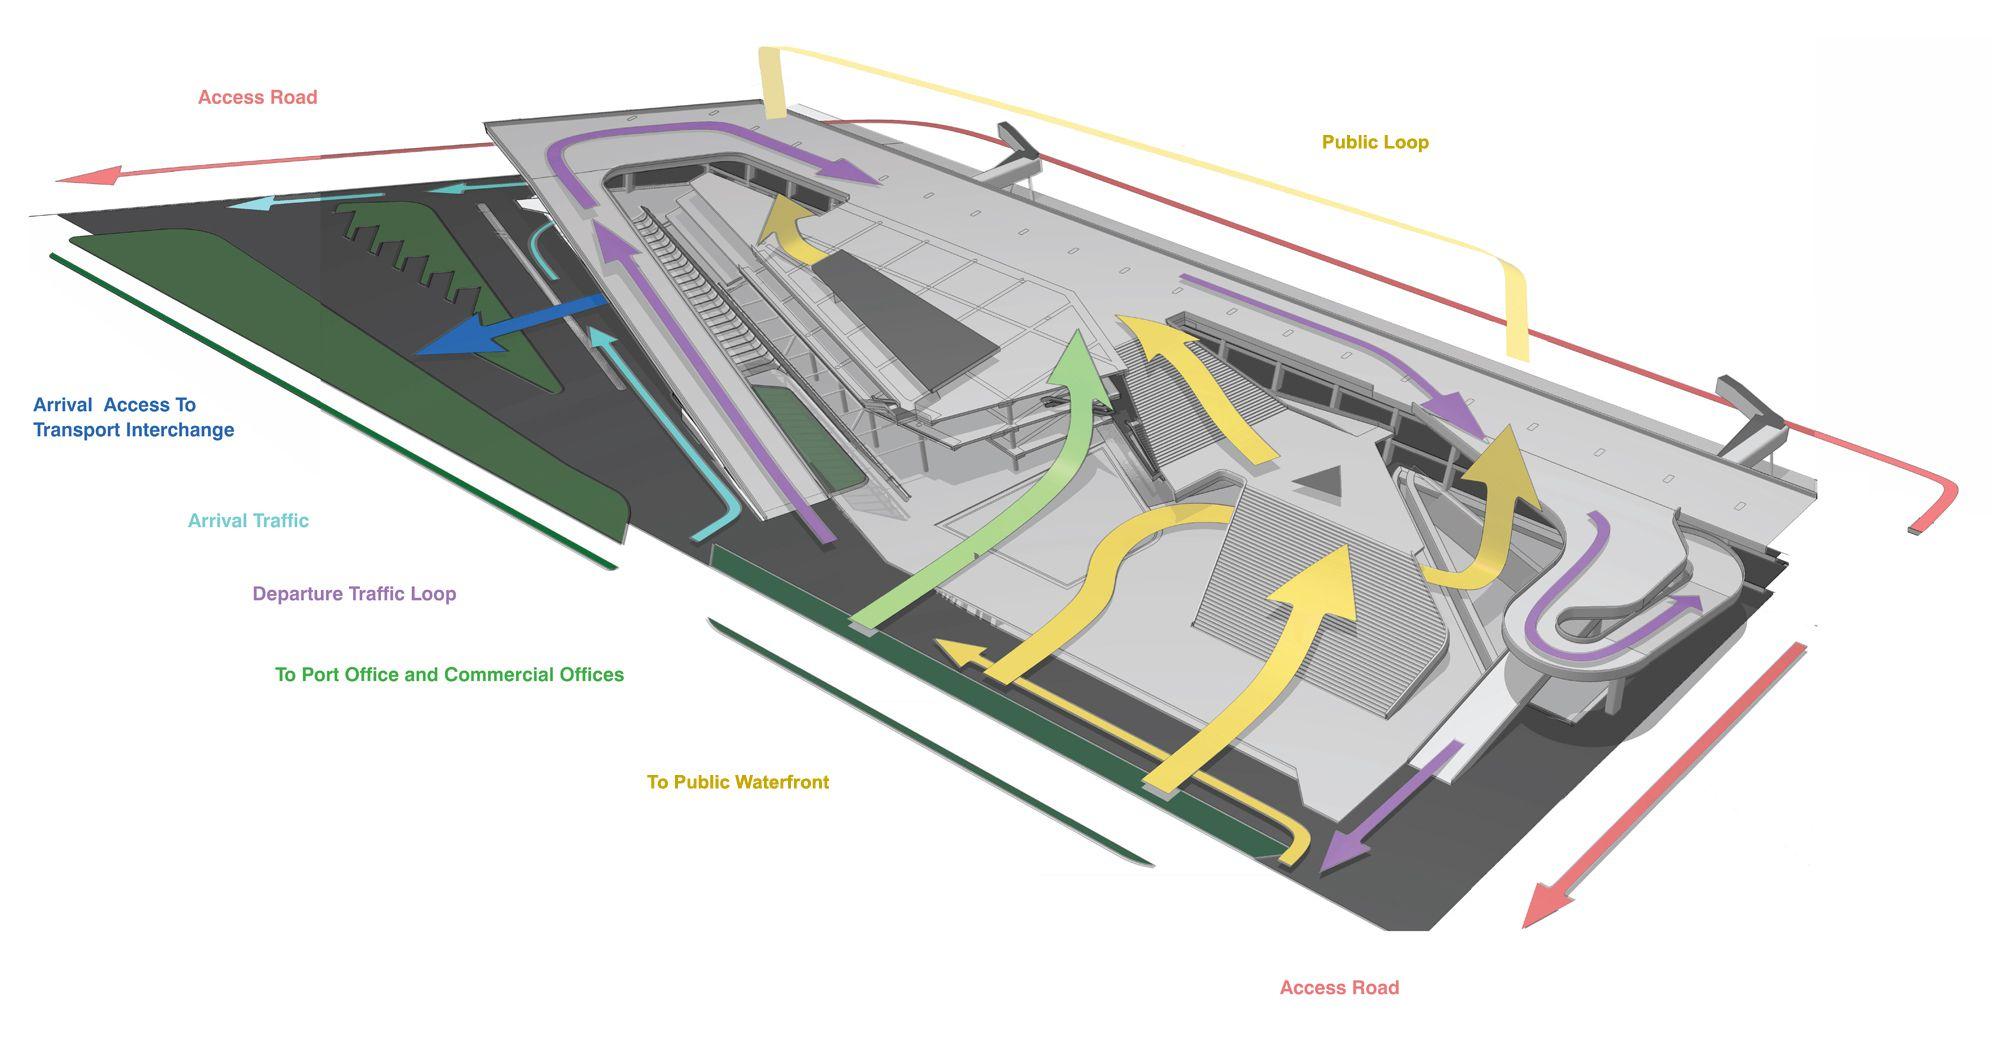 Program diagrams architecture google search arch diagrams - Architecture Architecture Circulation Diagram Google Search